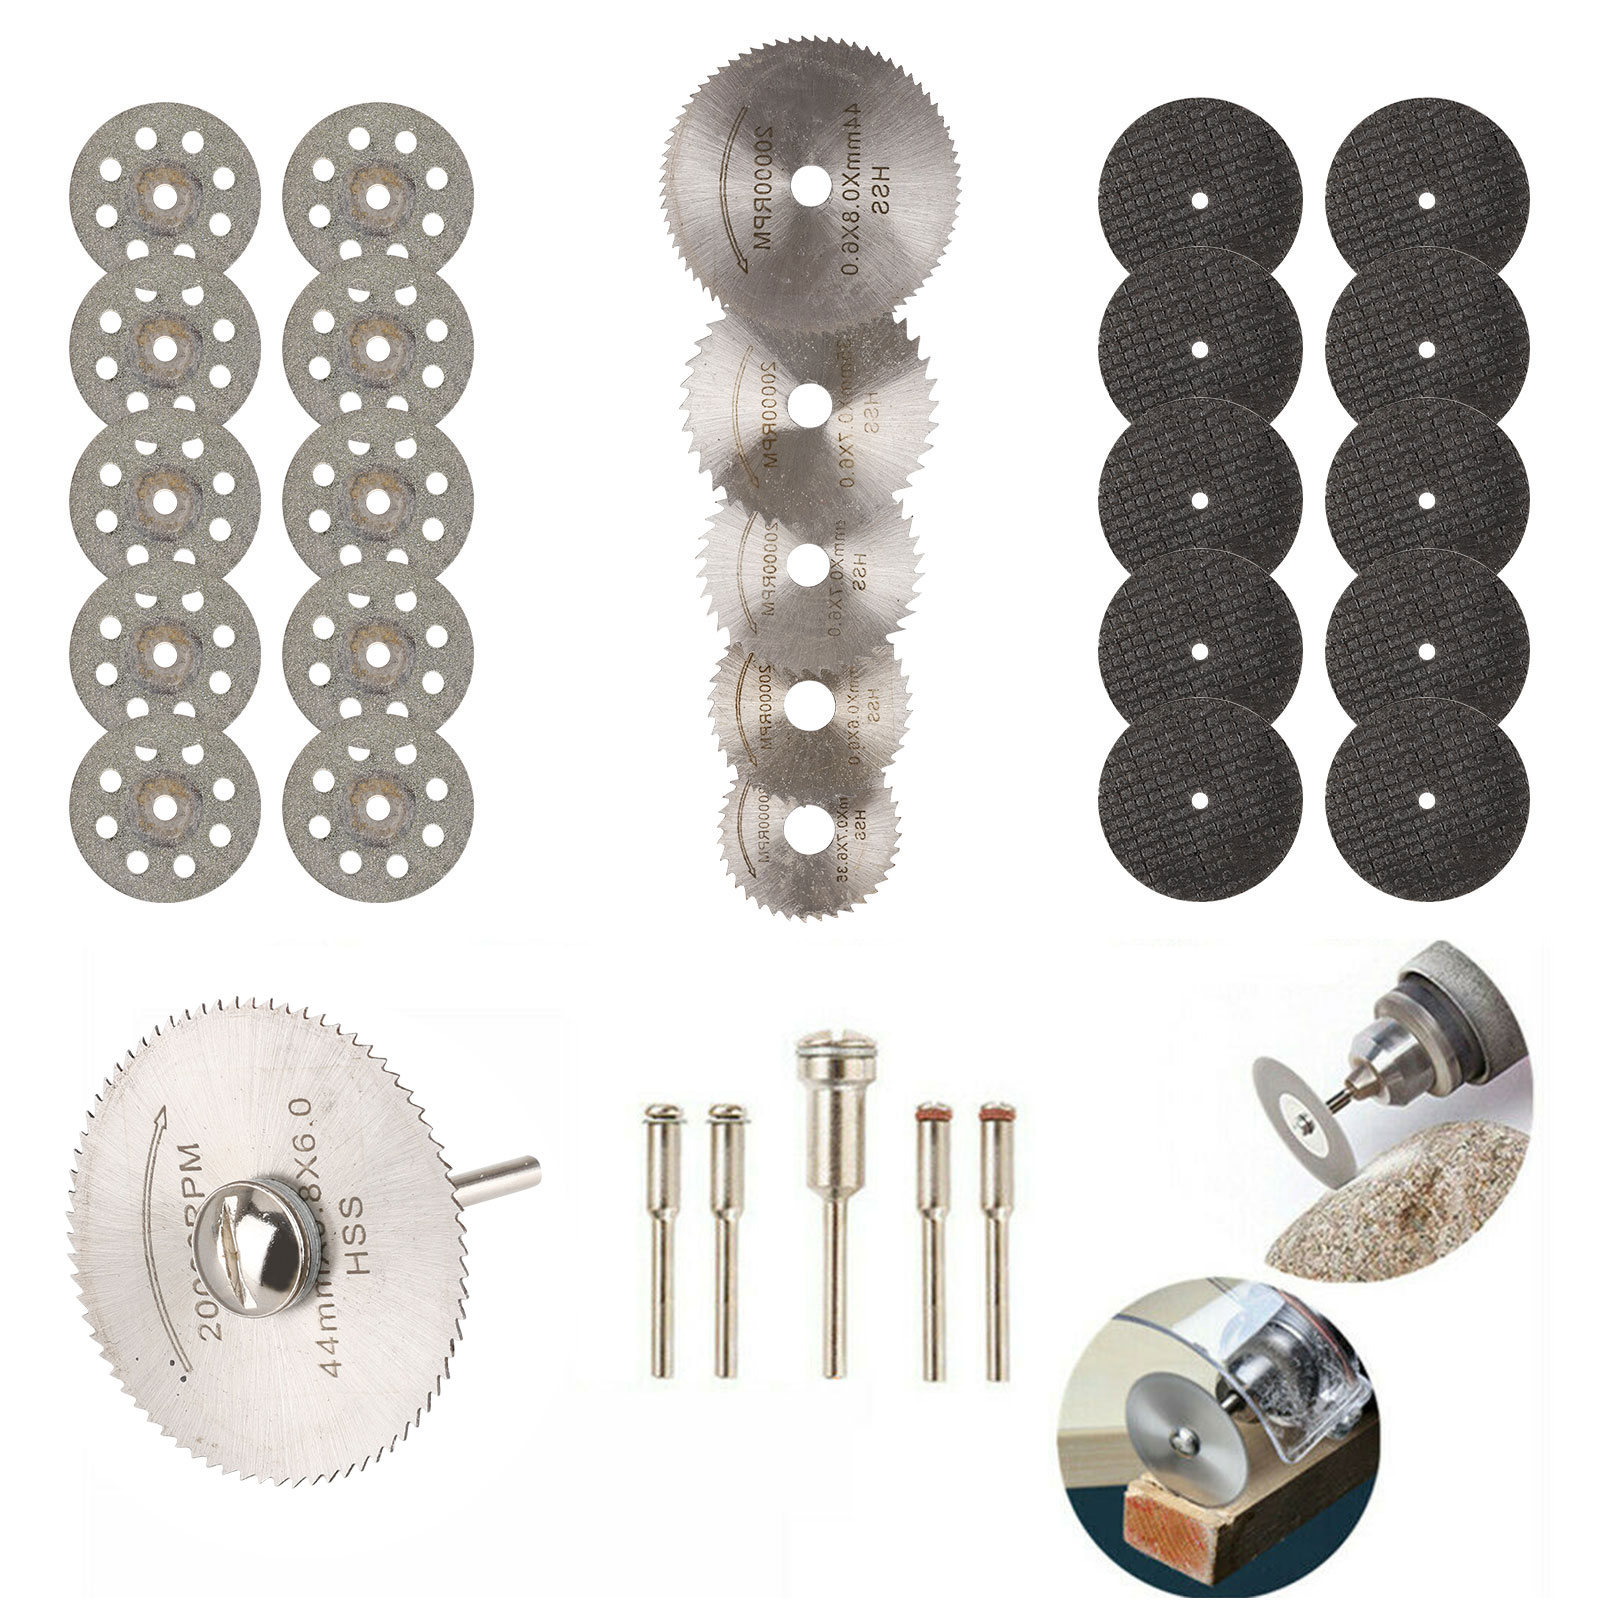 30Pcs Cutting Wheel Set for Mini Drill Dremel Rotary Tool Accessories w// Mandrel